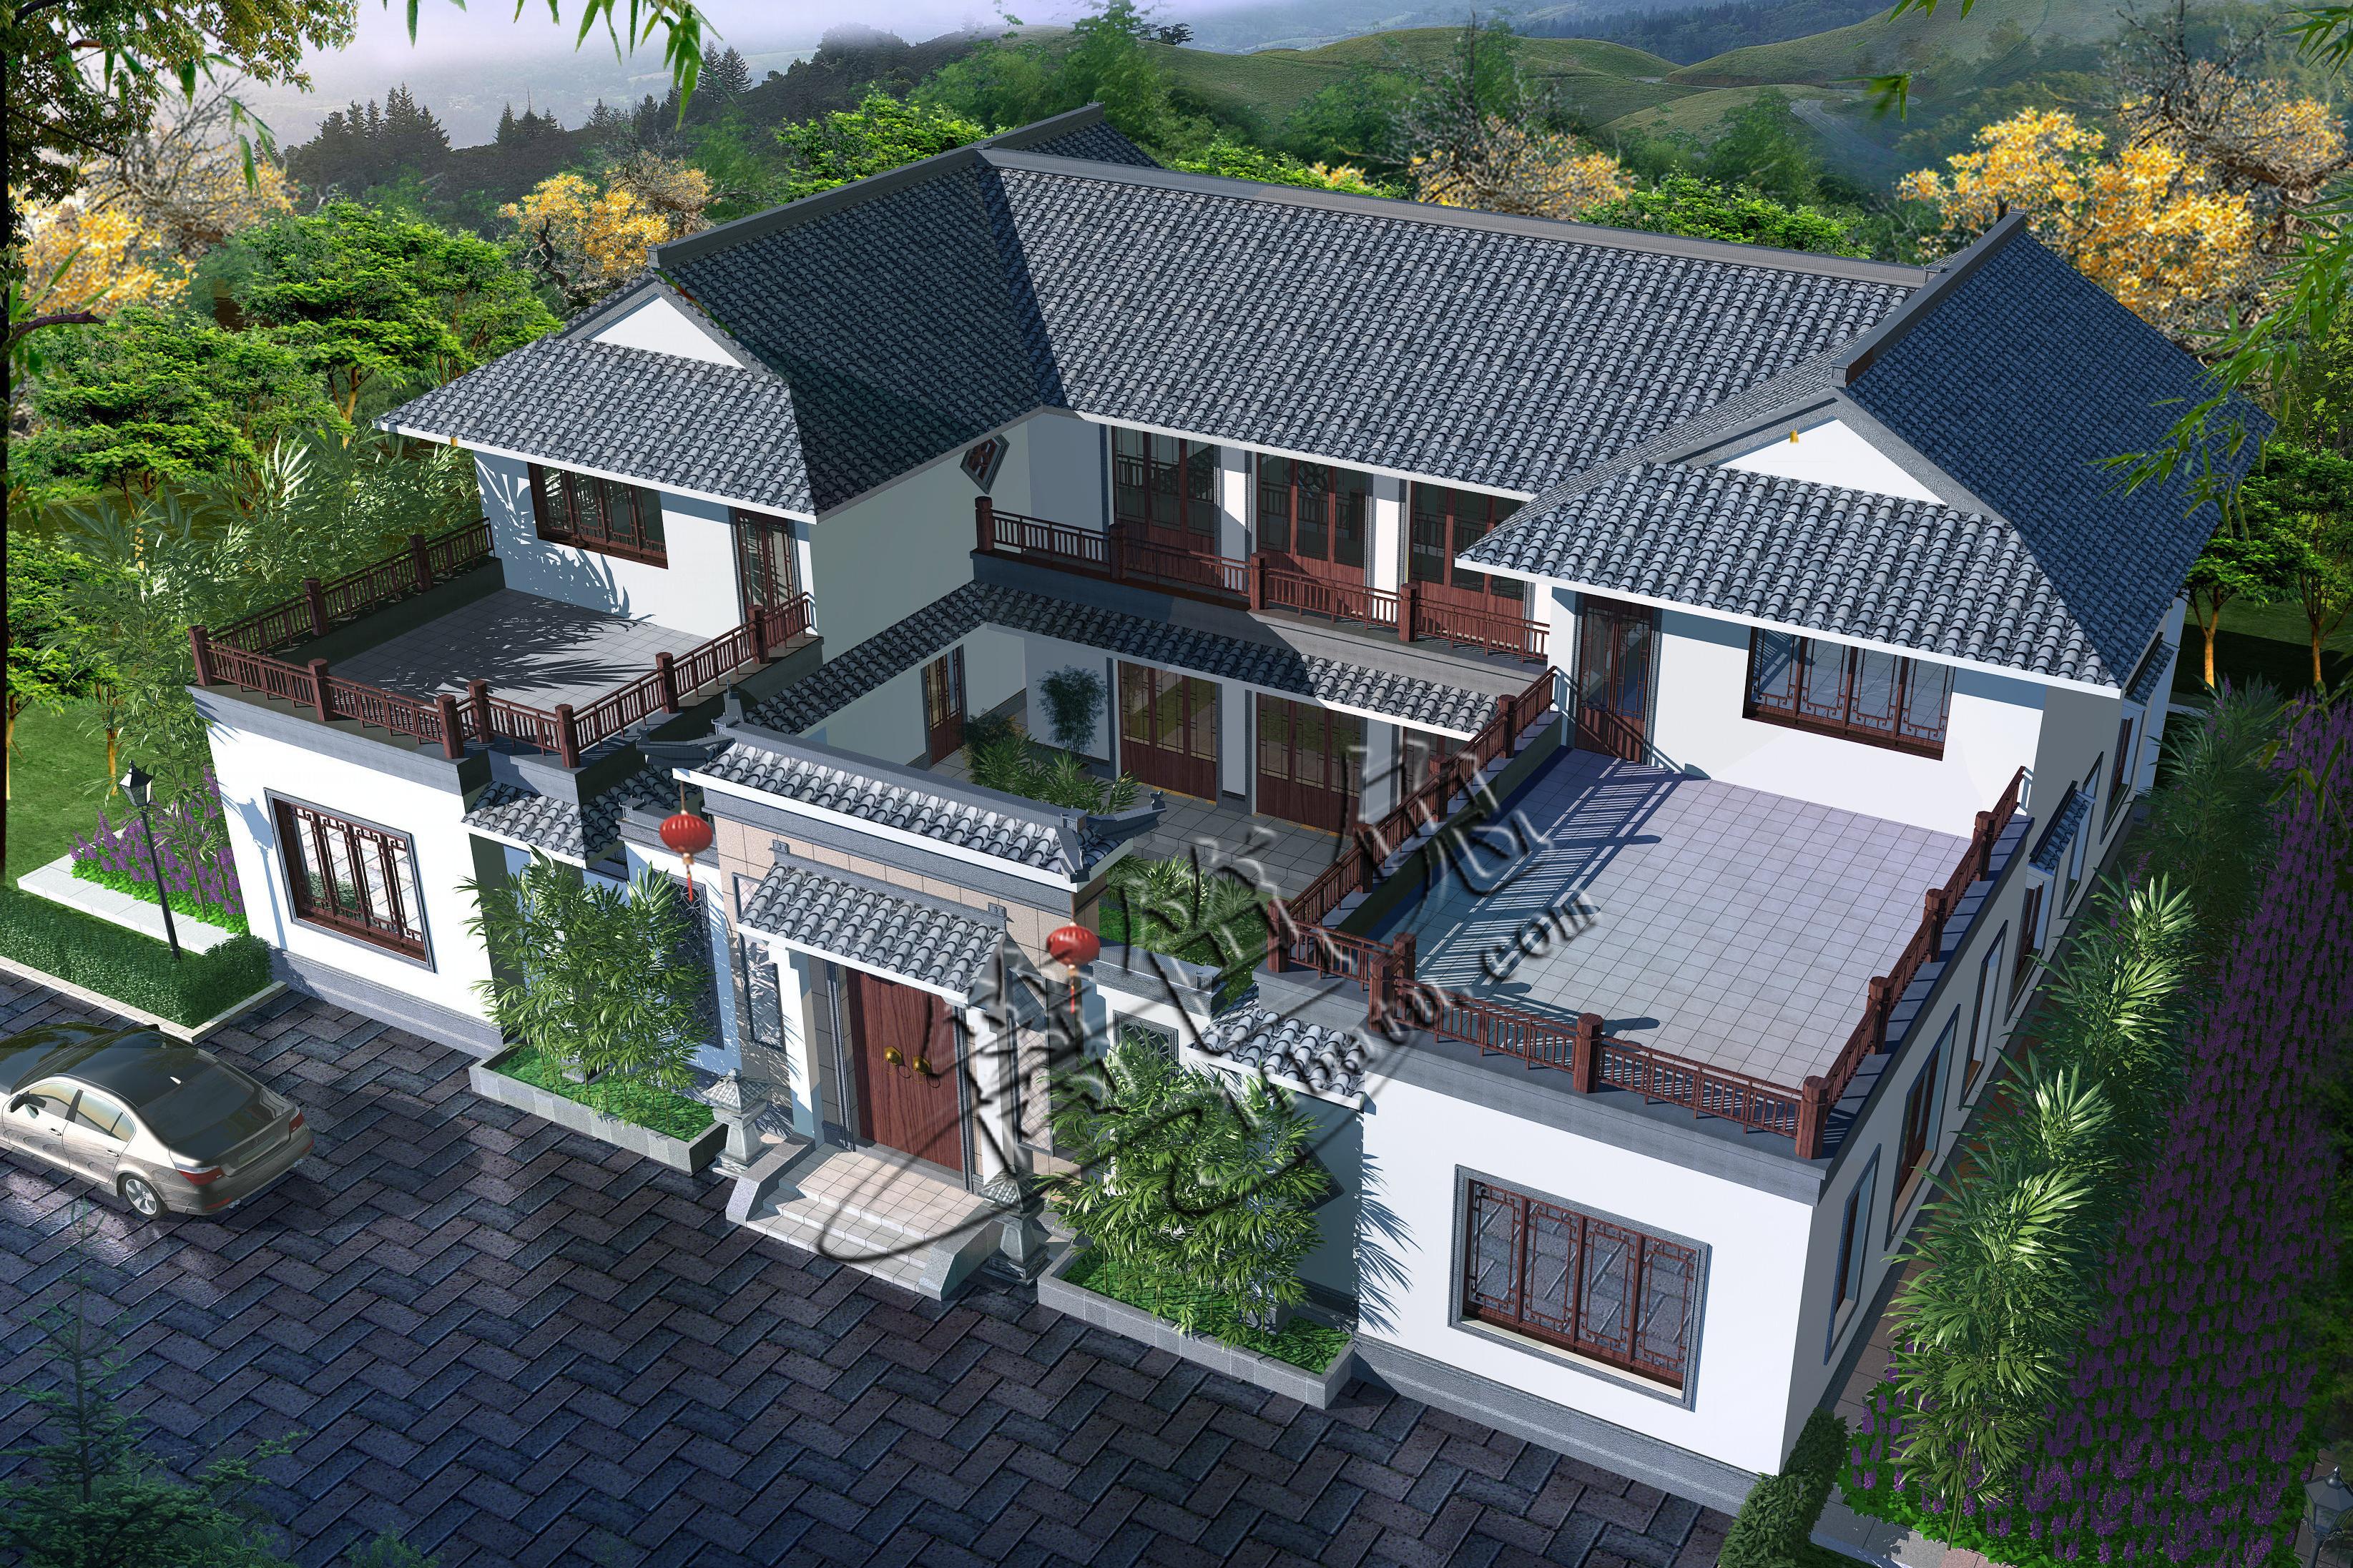 集自住,开农家乐,模型案例于一体的四合院别墅v模型酒店!艾瓦民宿别墅图片